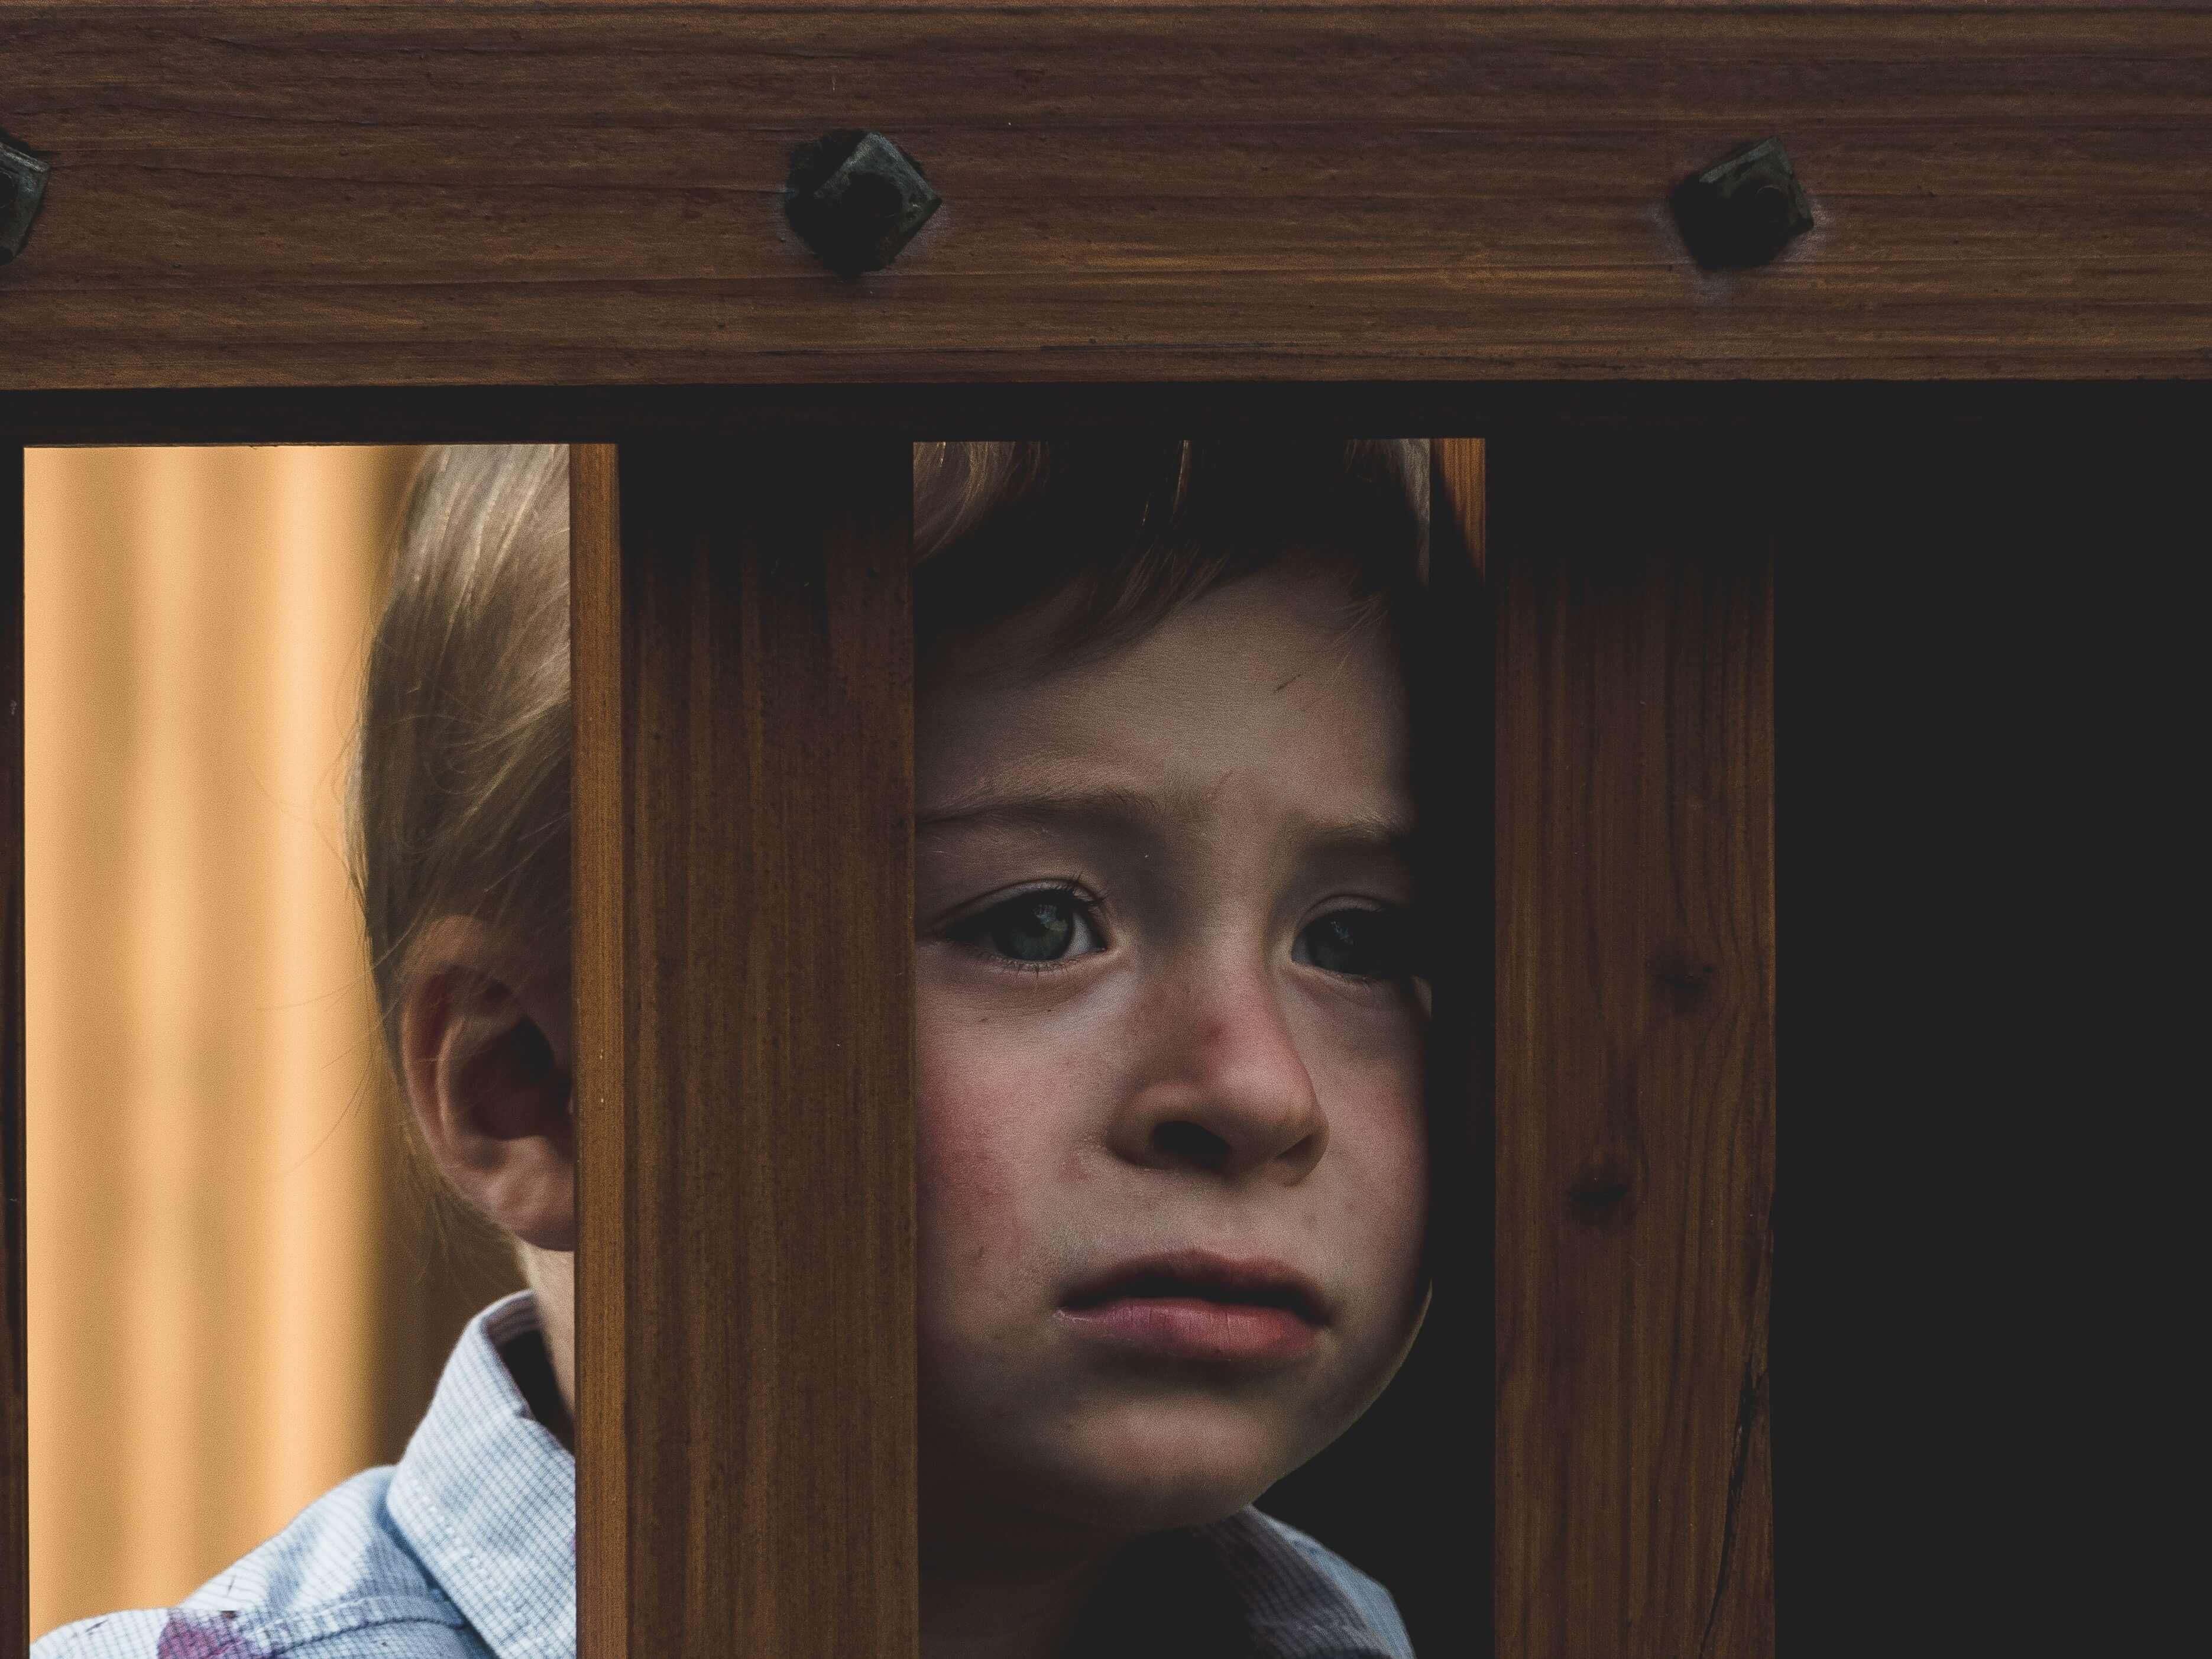 UN upozorava: Lockdown na djecu ostavlja značajne posljedice, države trebaju misliti na njih